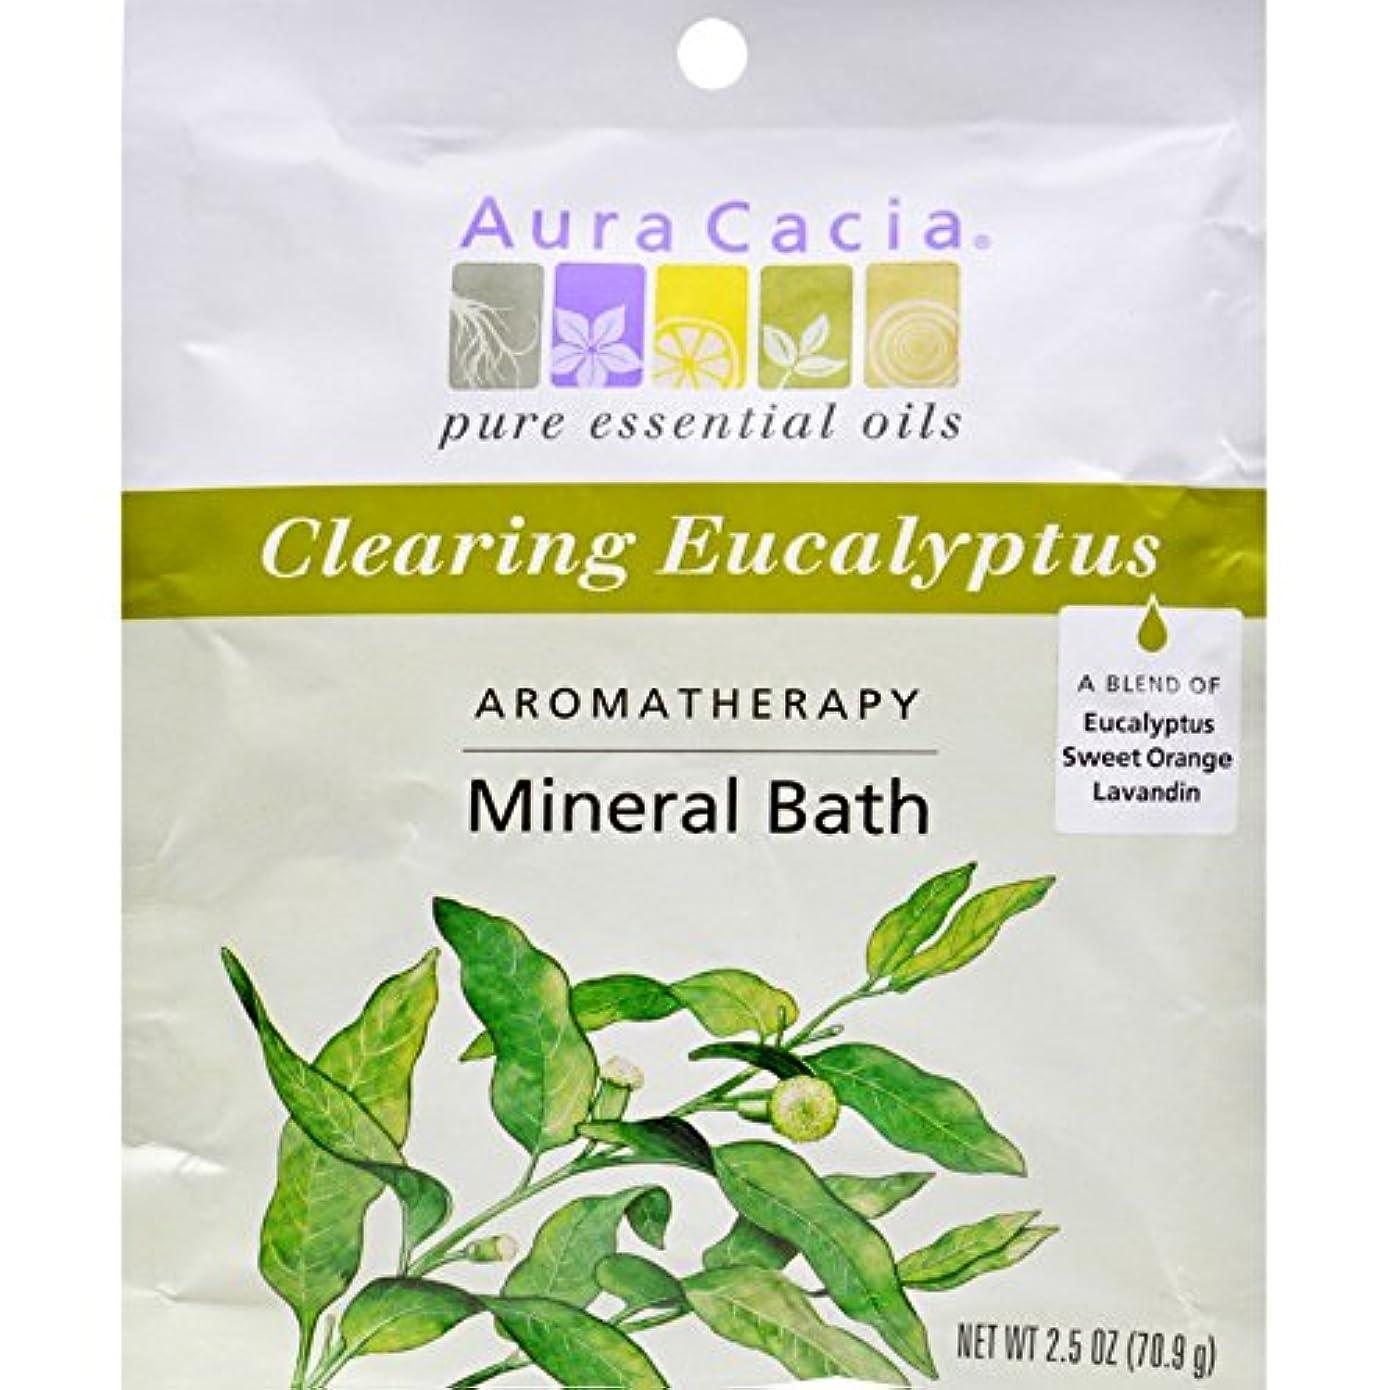 世論調査シャトル回転するAura Cacia, Aromatherapy Mineral Bath, Clearing Eucalyptus, 2.5 oz (70.9 g)